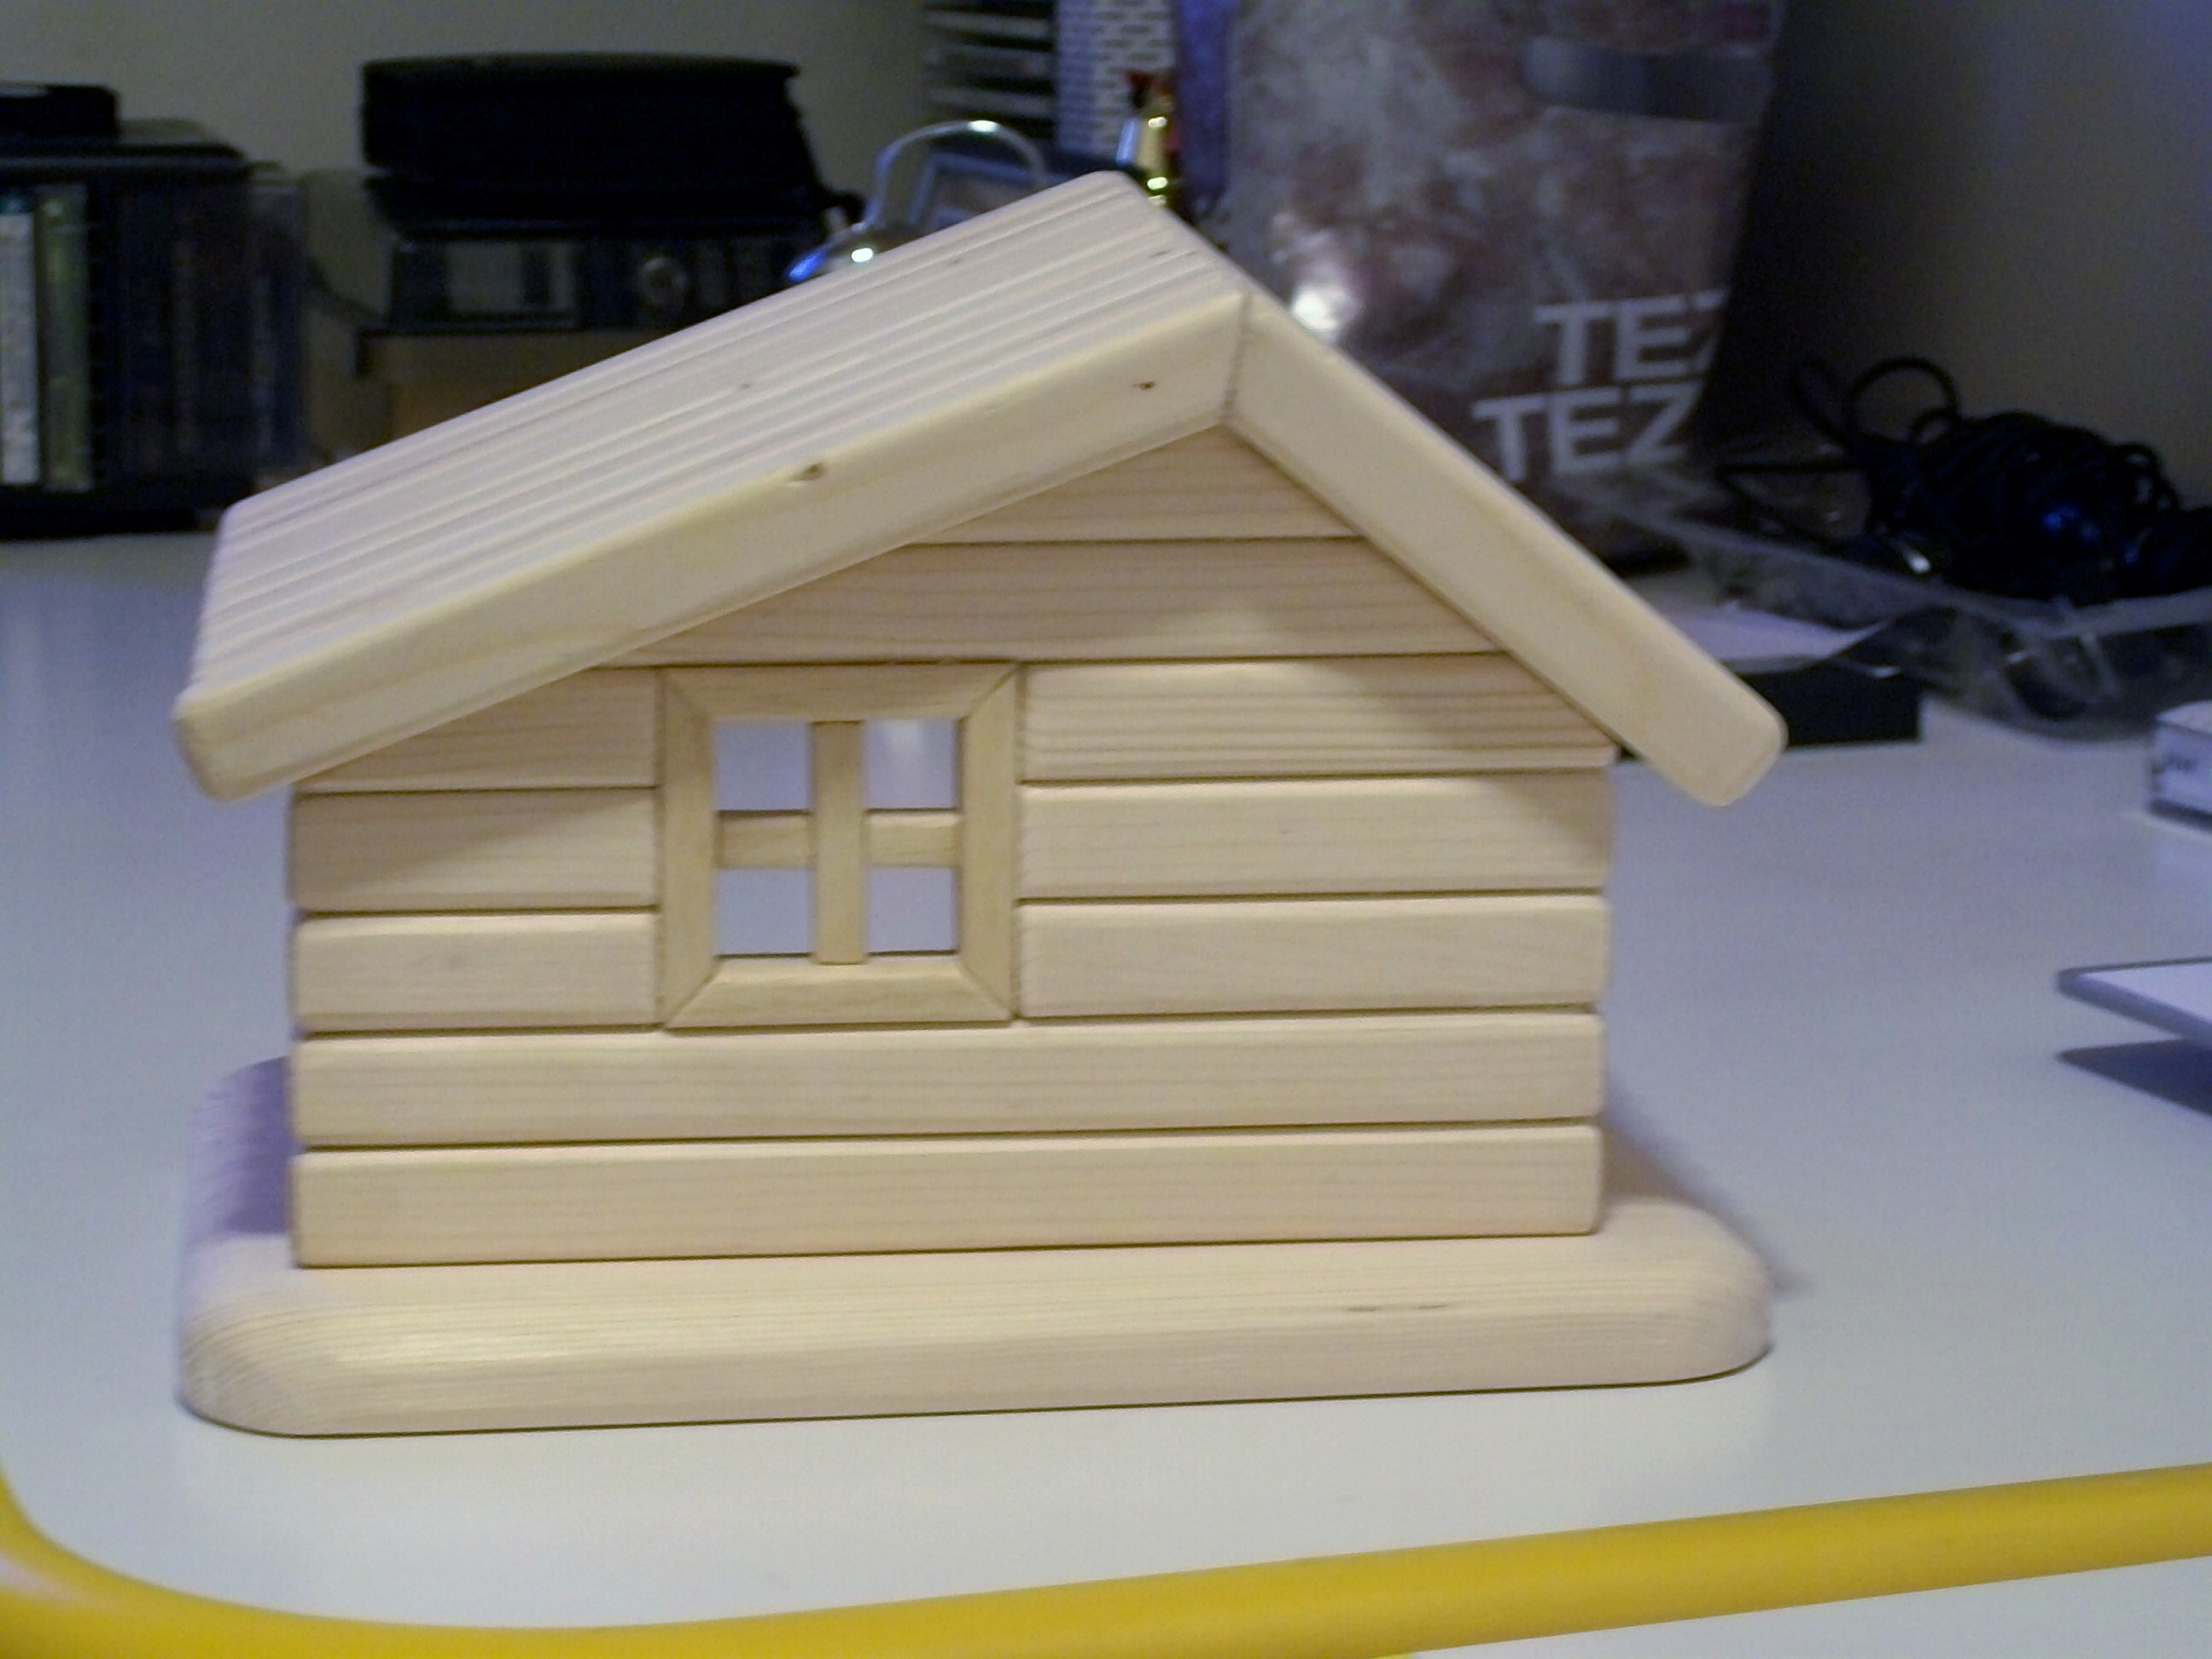 Oggetti in legno fai da te by silvano capanna tipo for Oggetti in legno fai da te